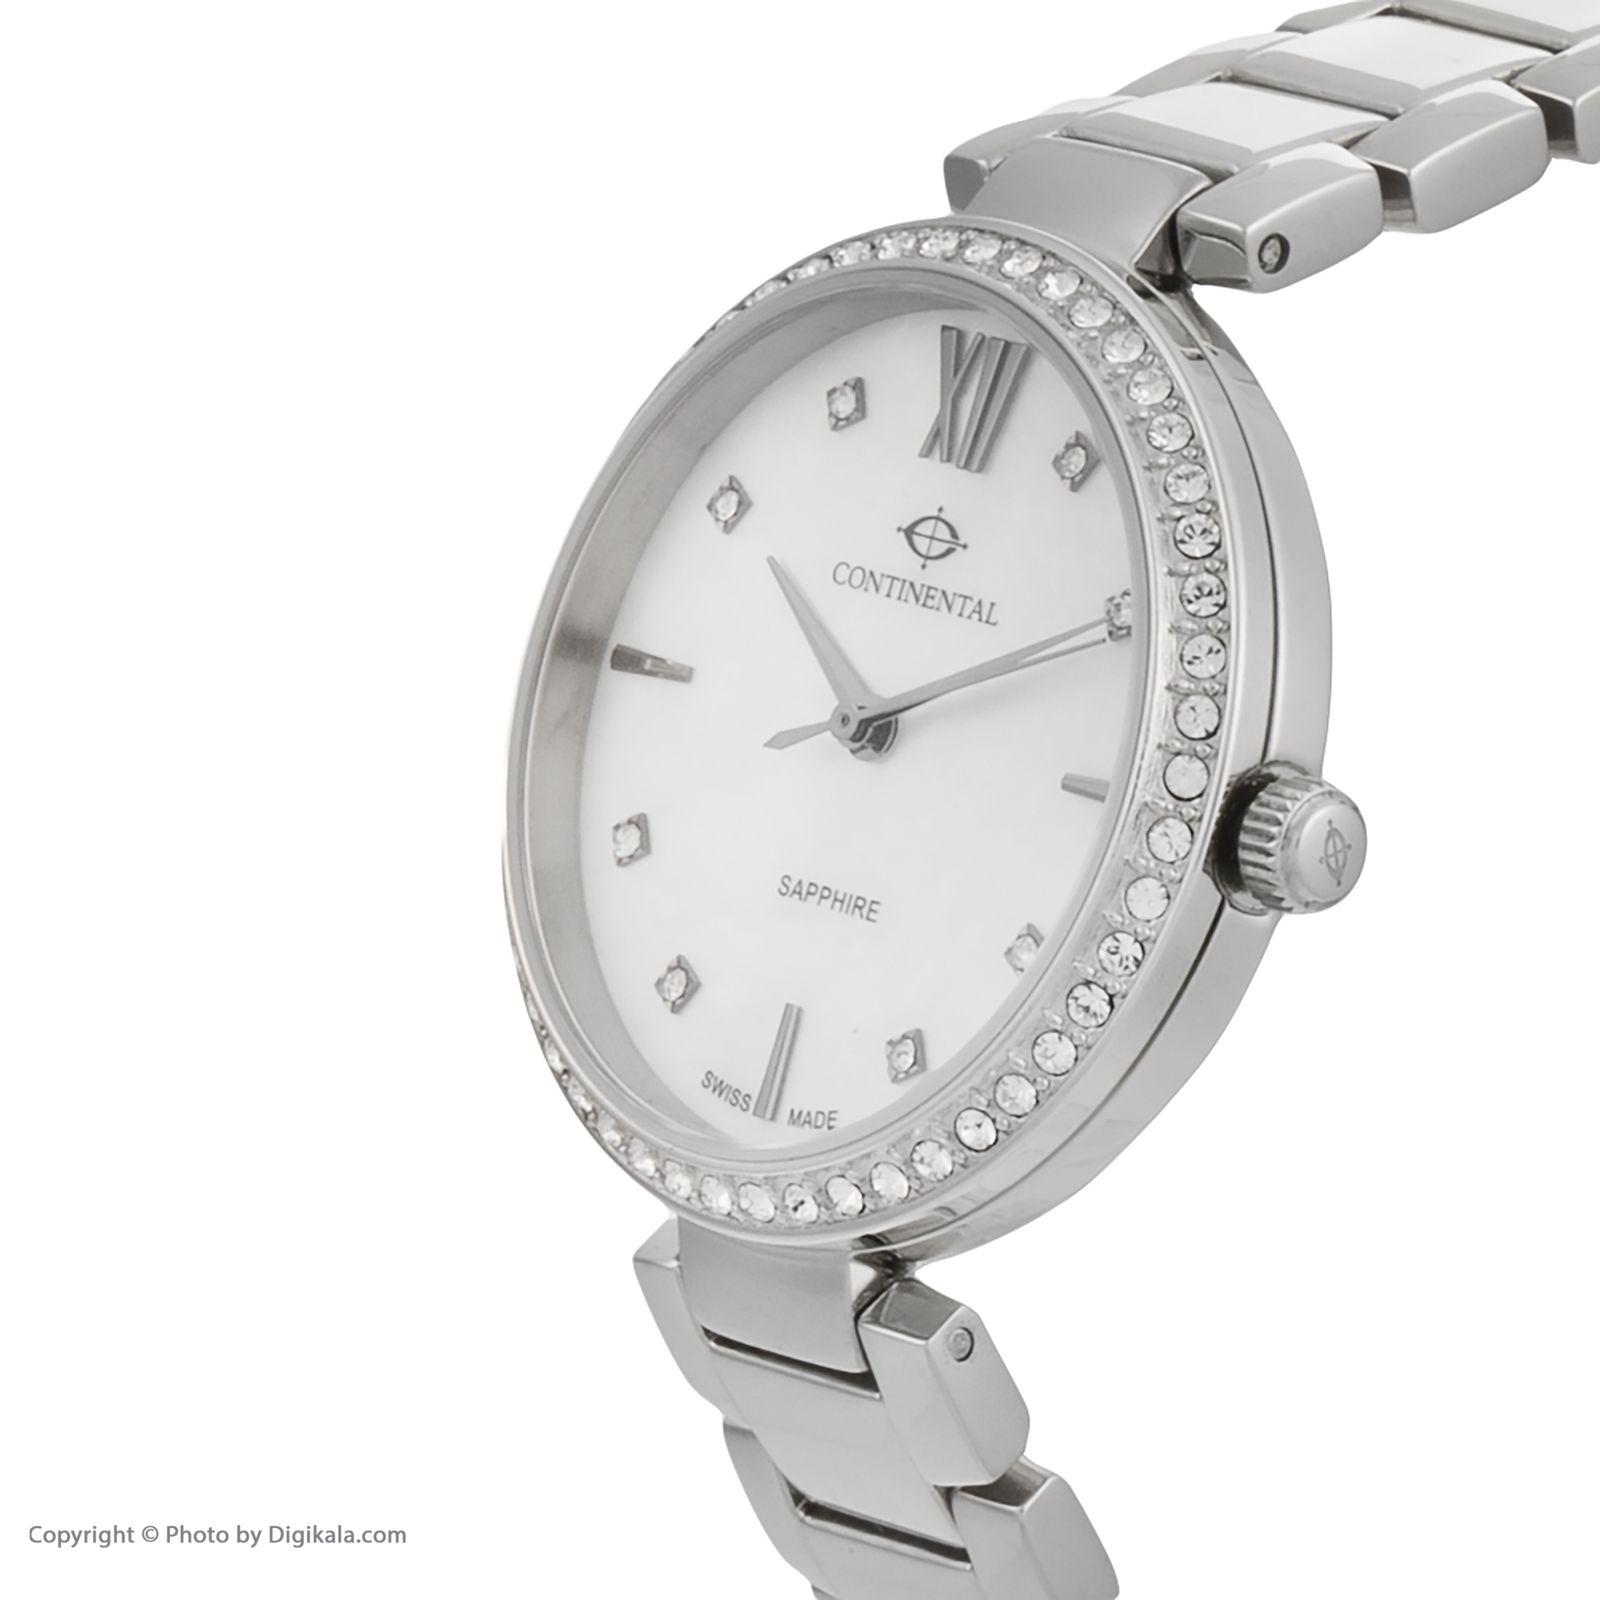 ساعت مچی عقربه ای زنانه کنتیننتال مدل 19601-LT101501 -  - 3